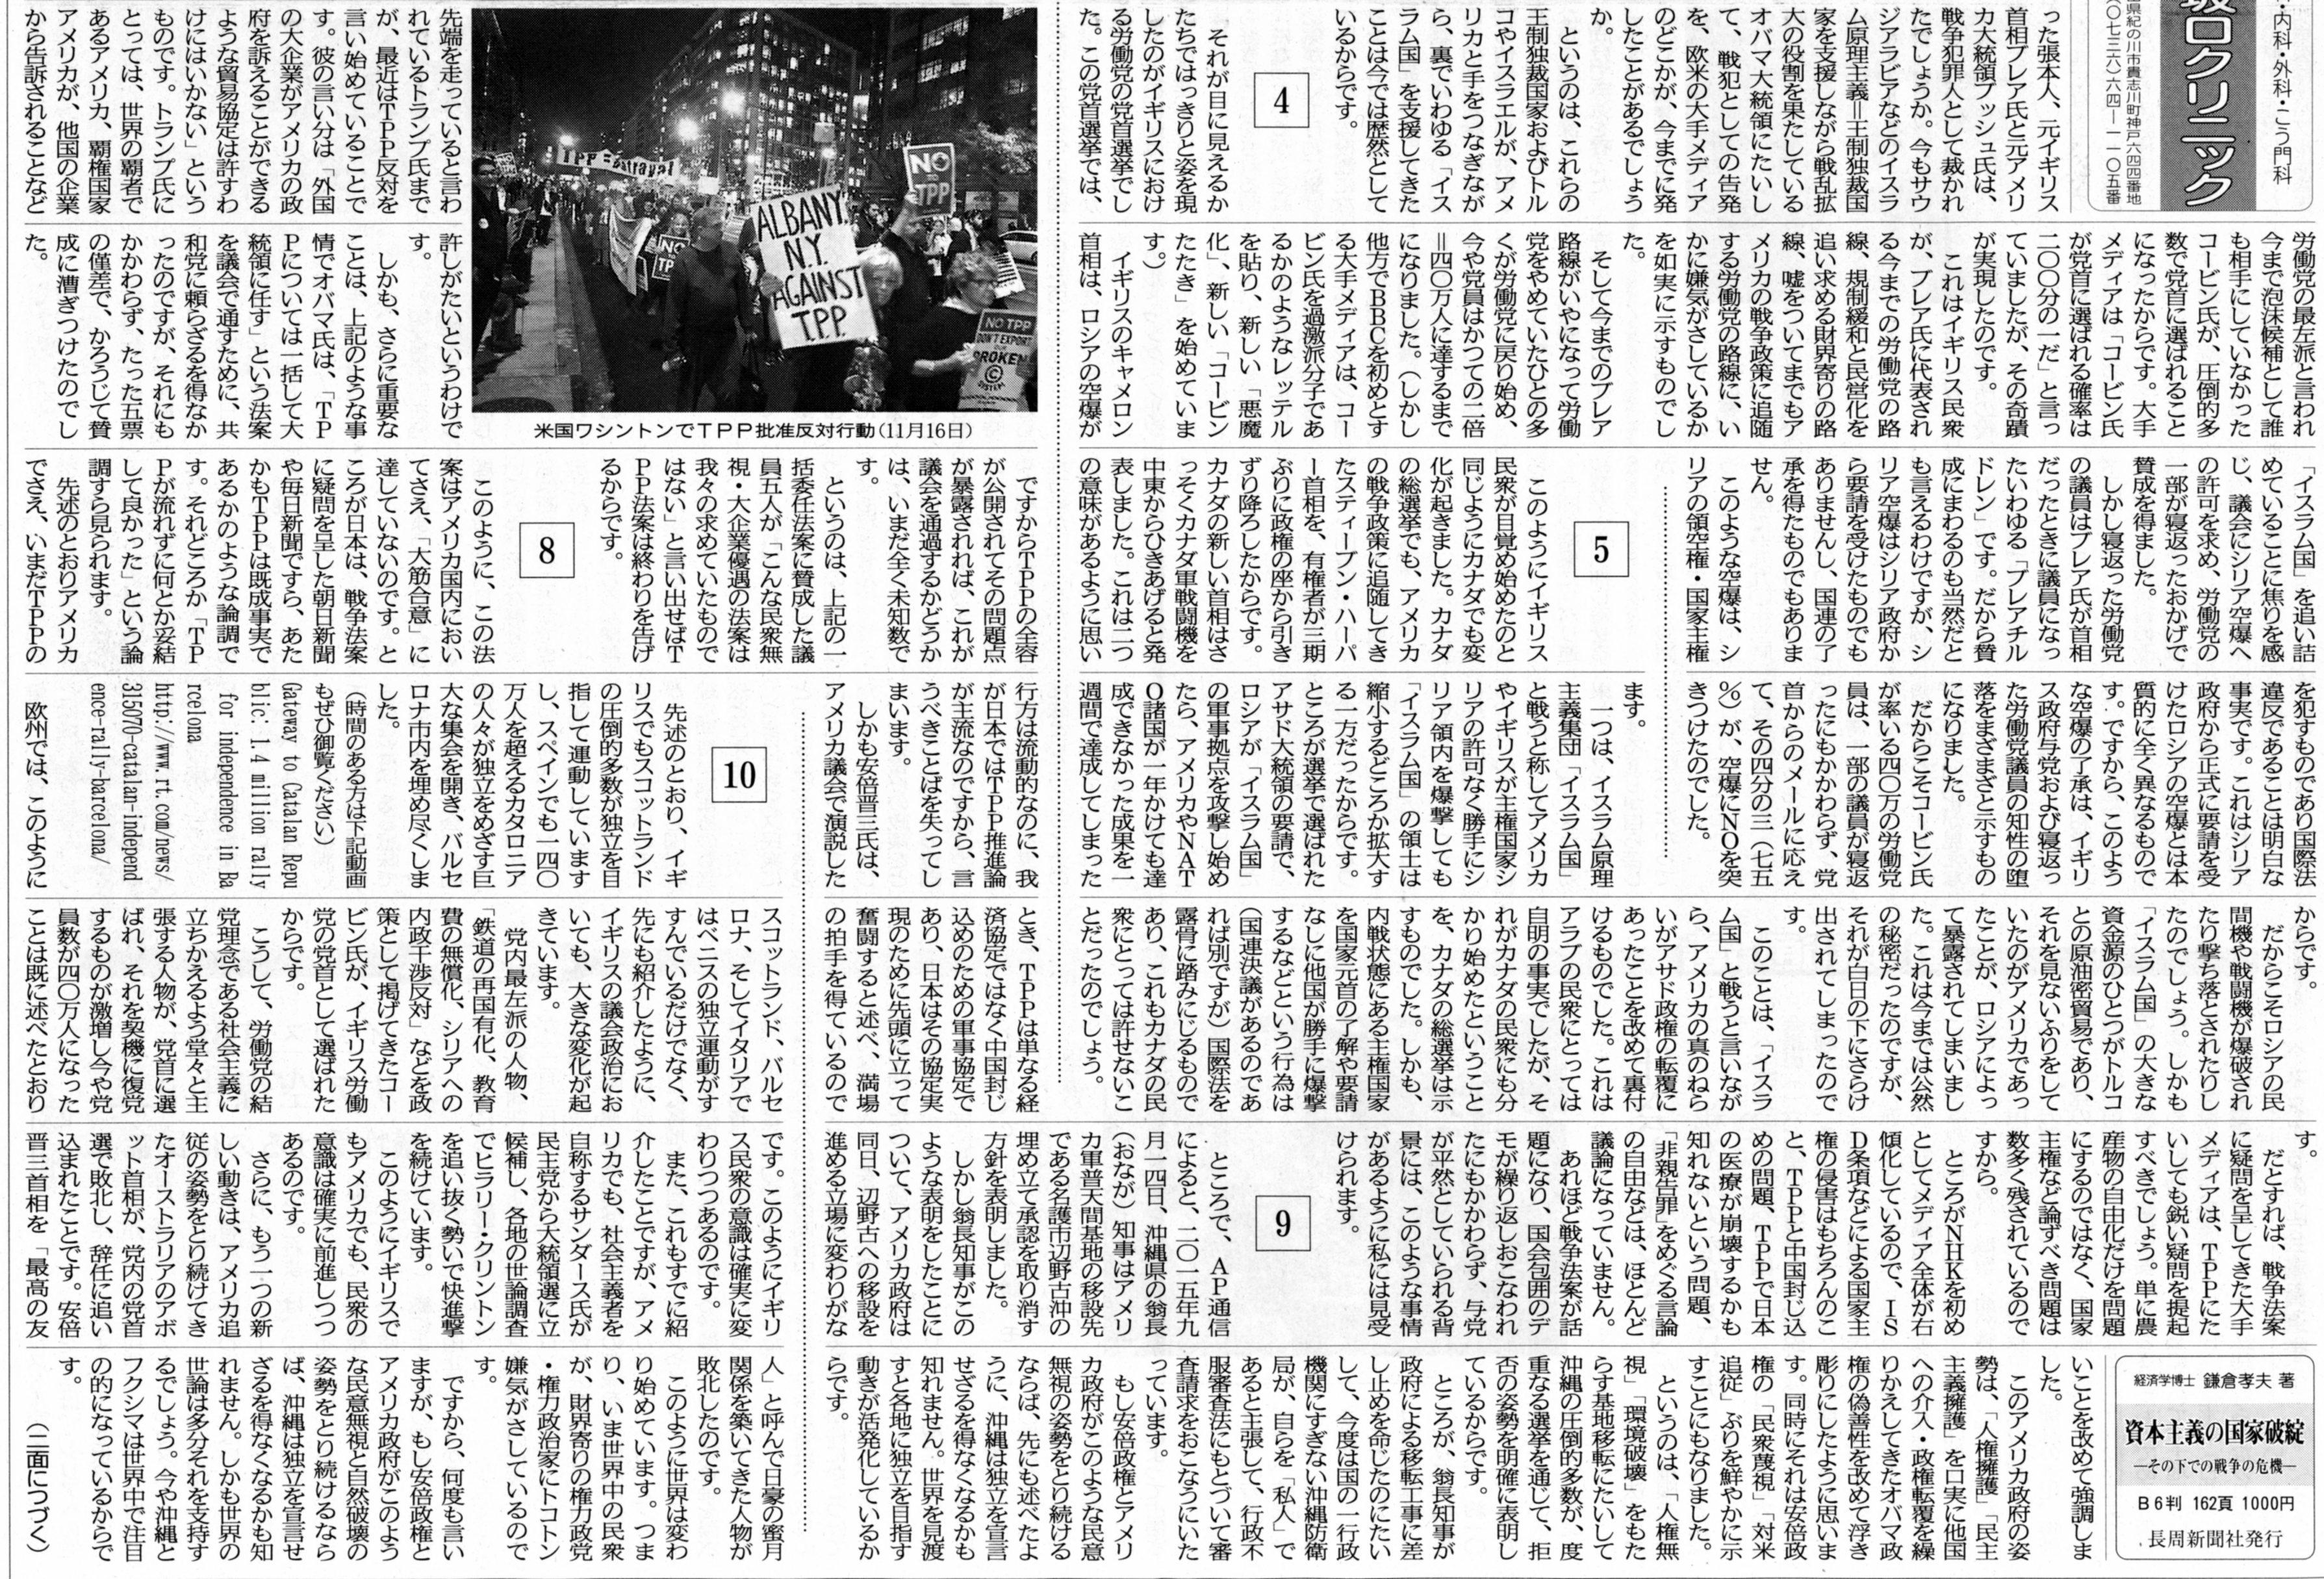 「時代は変わる」長周新聞20151221(中)138